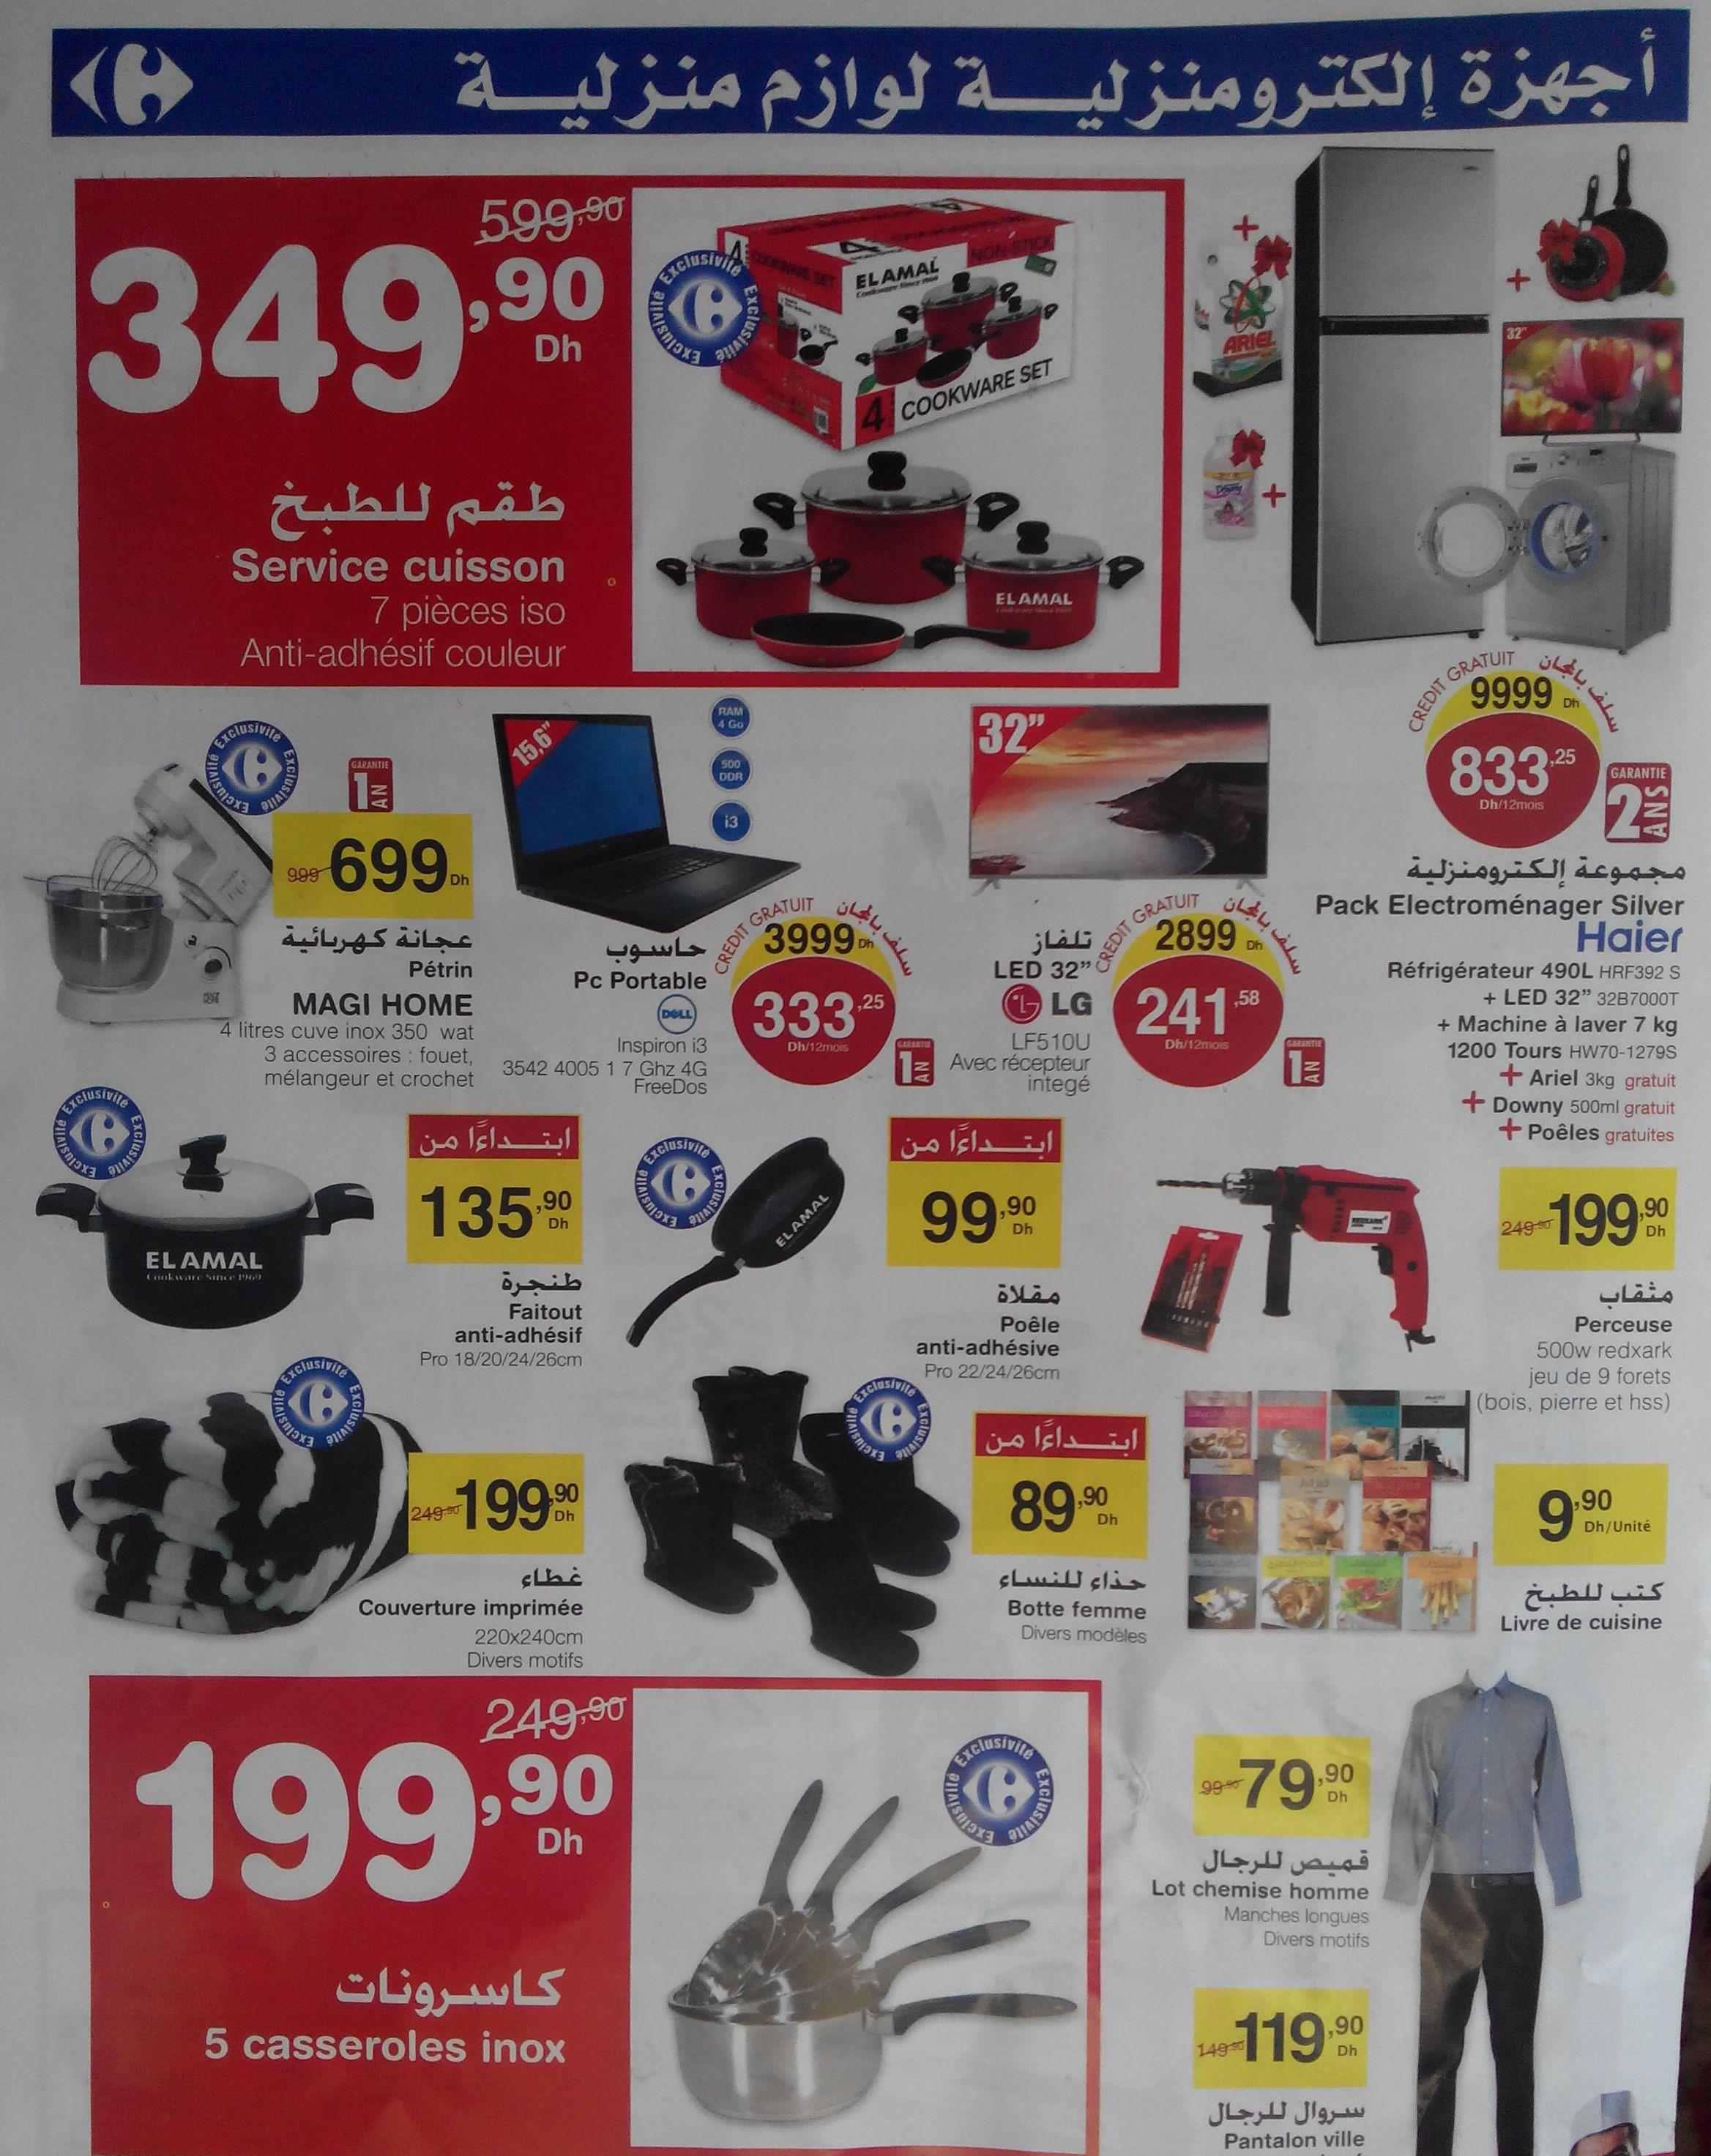 bonne texture photos officielles soldes Carrefour - soldes et promotion chez carrefour market | Page19